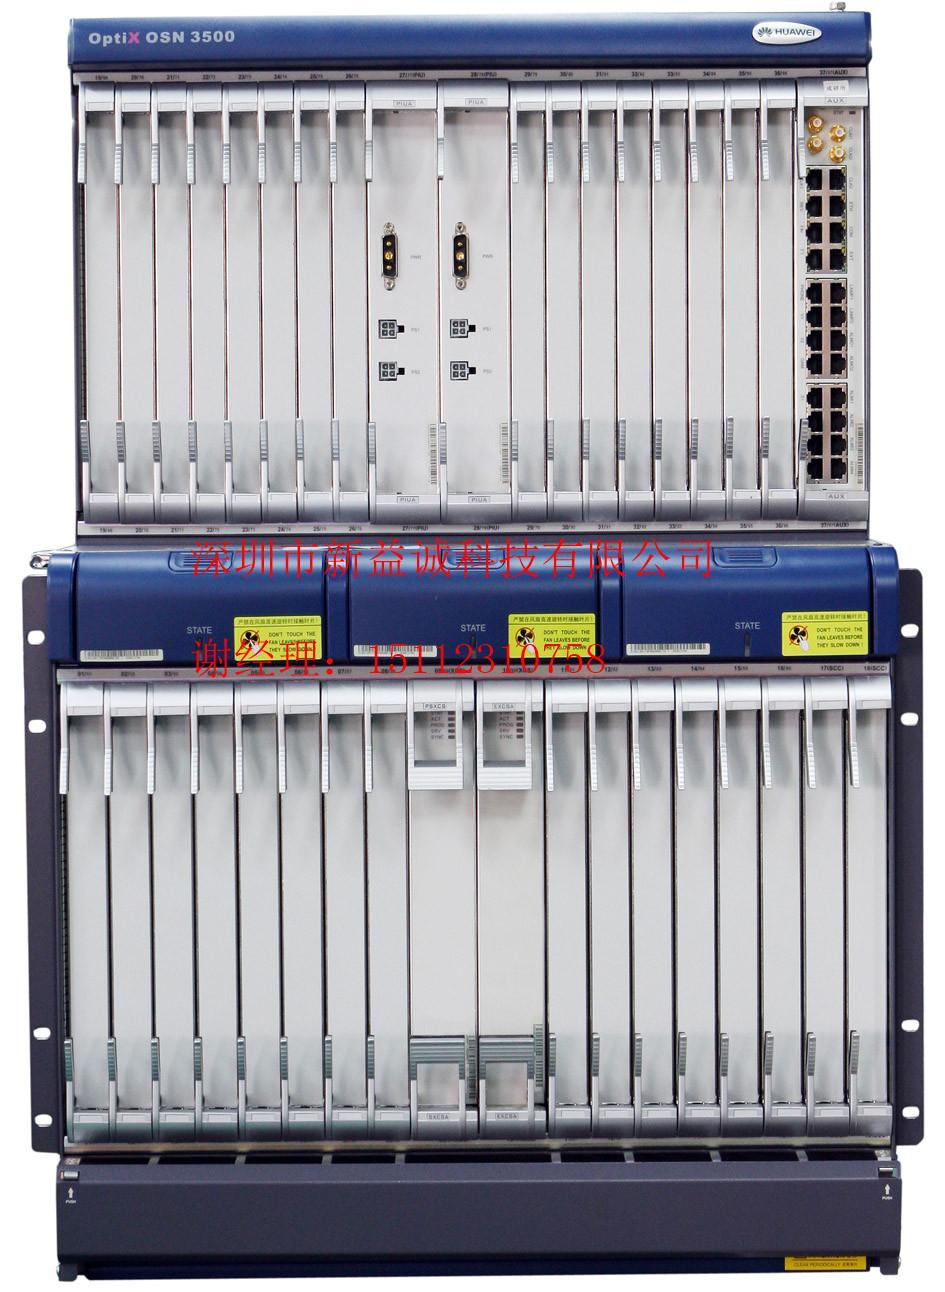 深圳市新益誠科技有限公司供應華為OSN3500光端機圖片3